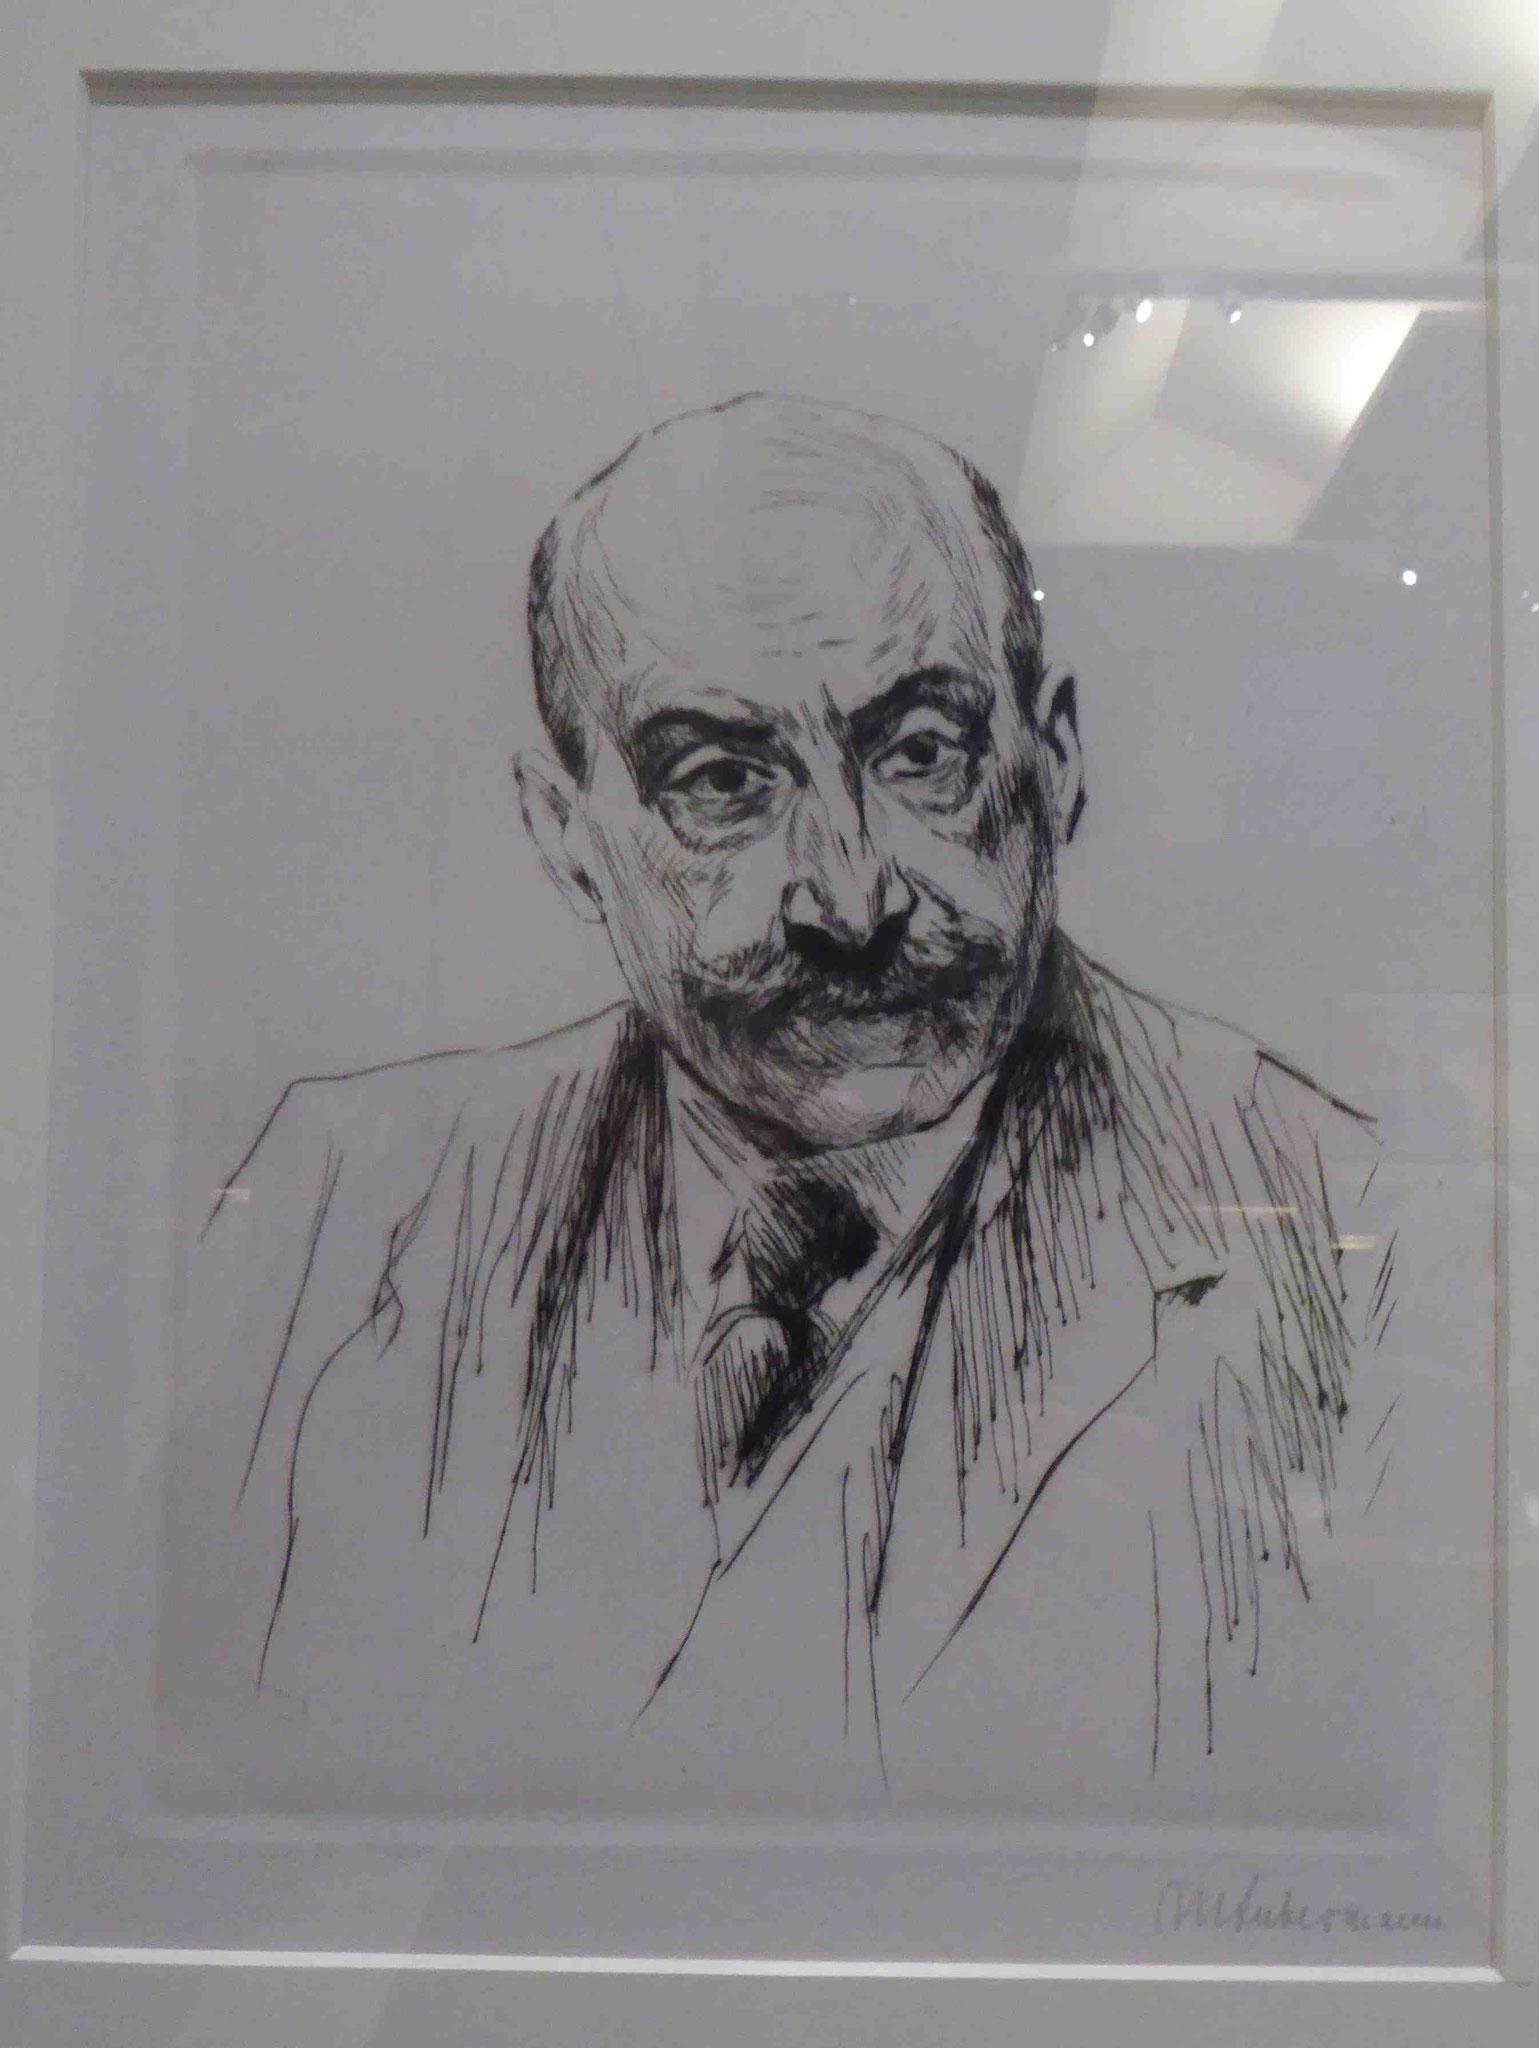 Max Liebermann, Musée d'Art Moderne, Strasbourg